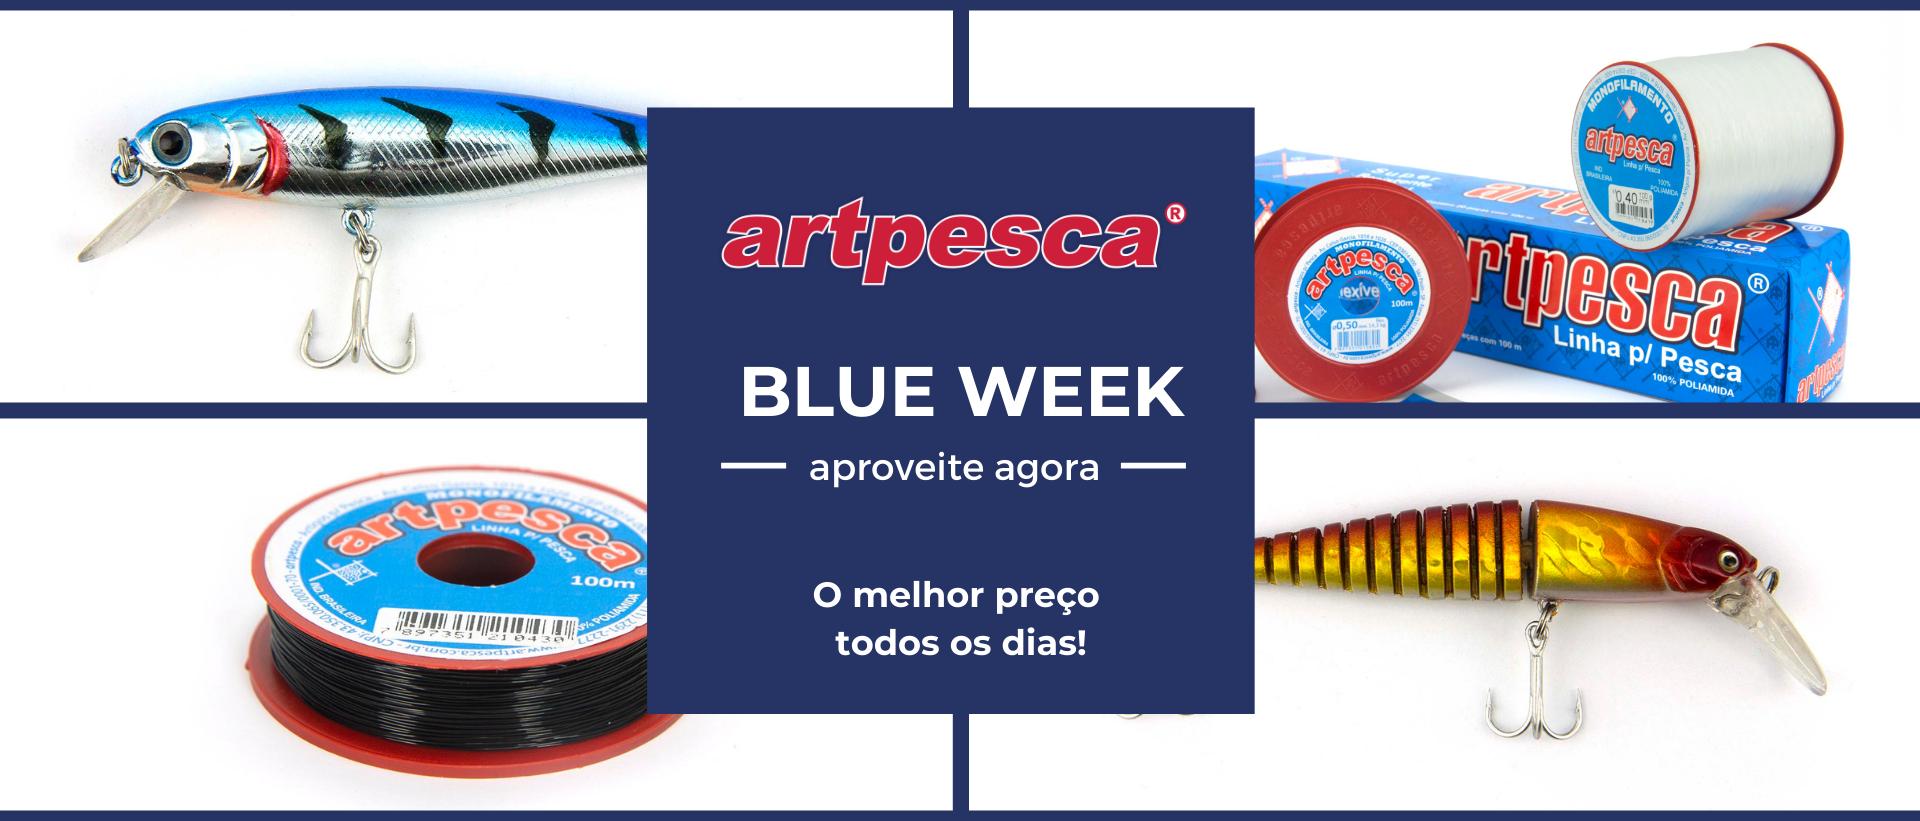 blue week artpesca